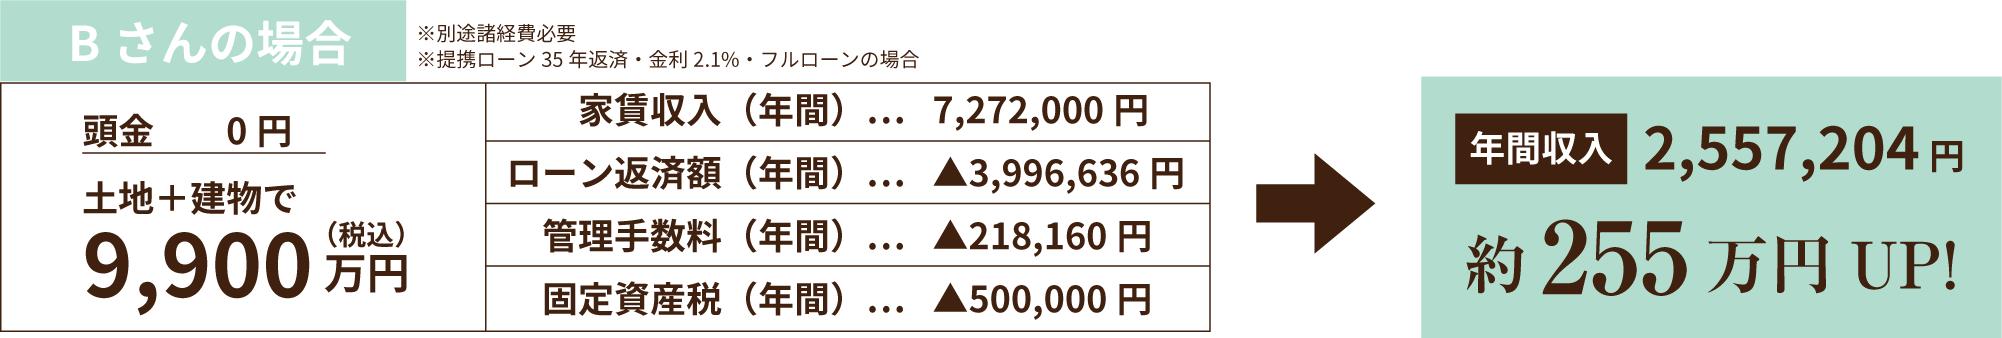 Bさんの場合 年間収入約255万円UP!